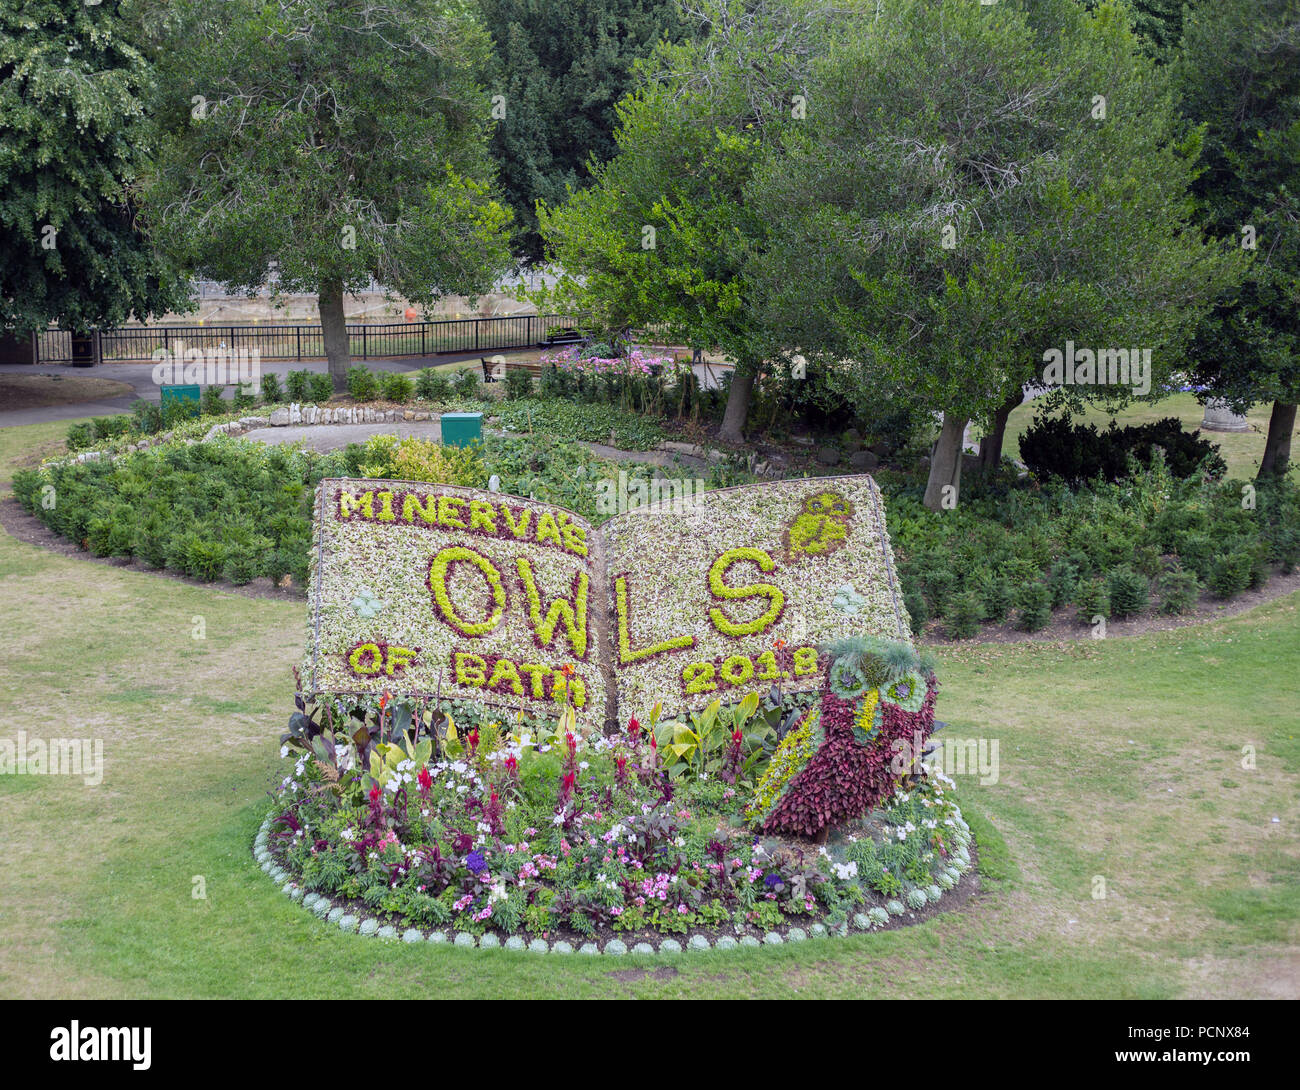 Ein Blumenarrangement in der Badewanne Parade Gardens, die Teil des Minerva Eulen von Badewanne Skulpturenweg 2018. Stockbild